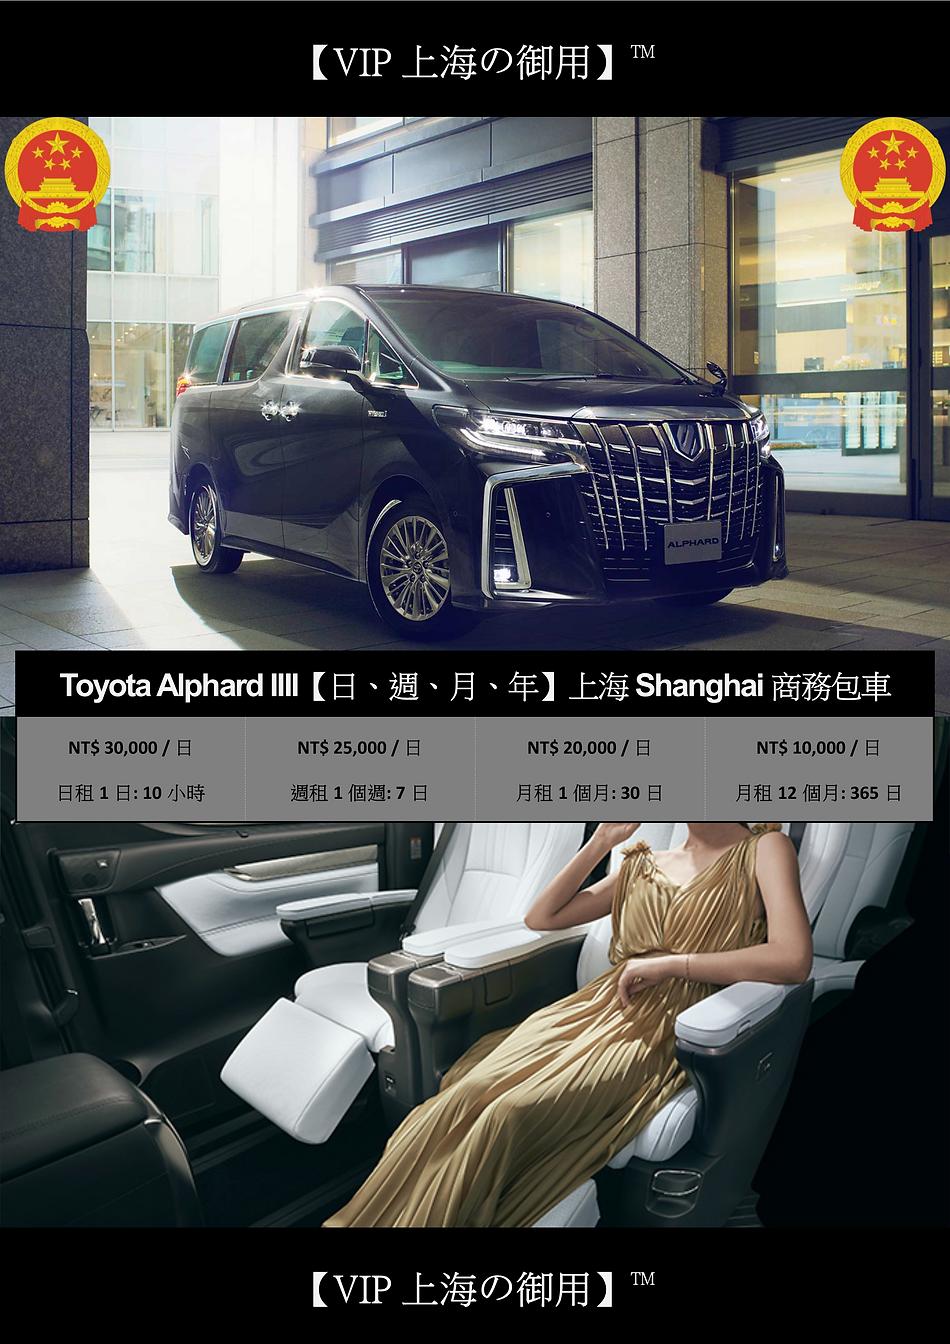 VIP上海の御用 TOYOTA ALPHARD IIII DM.png